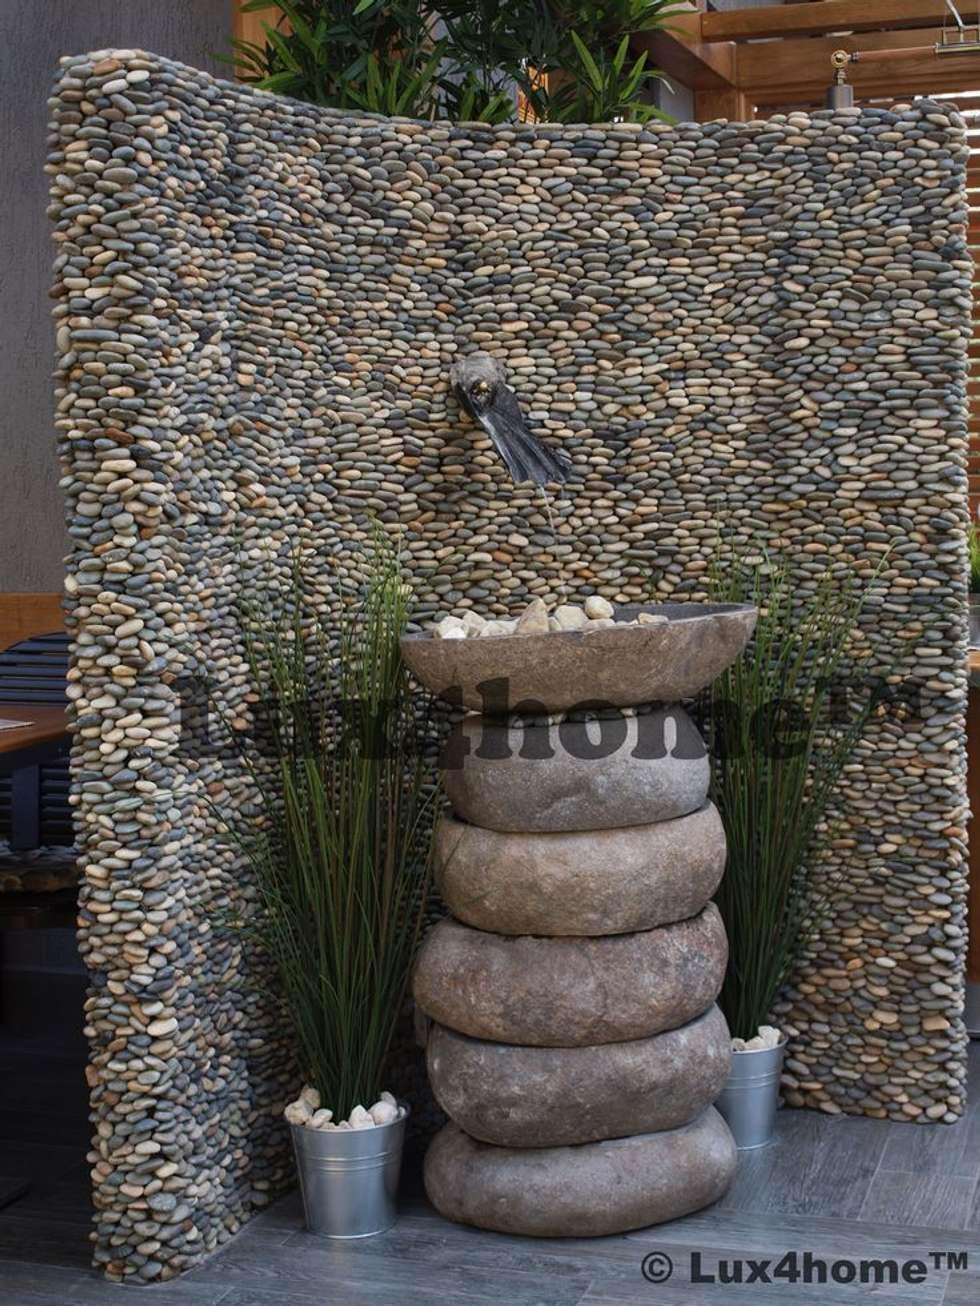 Otoczaki 3D na ścianie: styl , w kategorii Ściany zaprojektowany przez Lux4home™